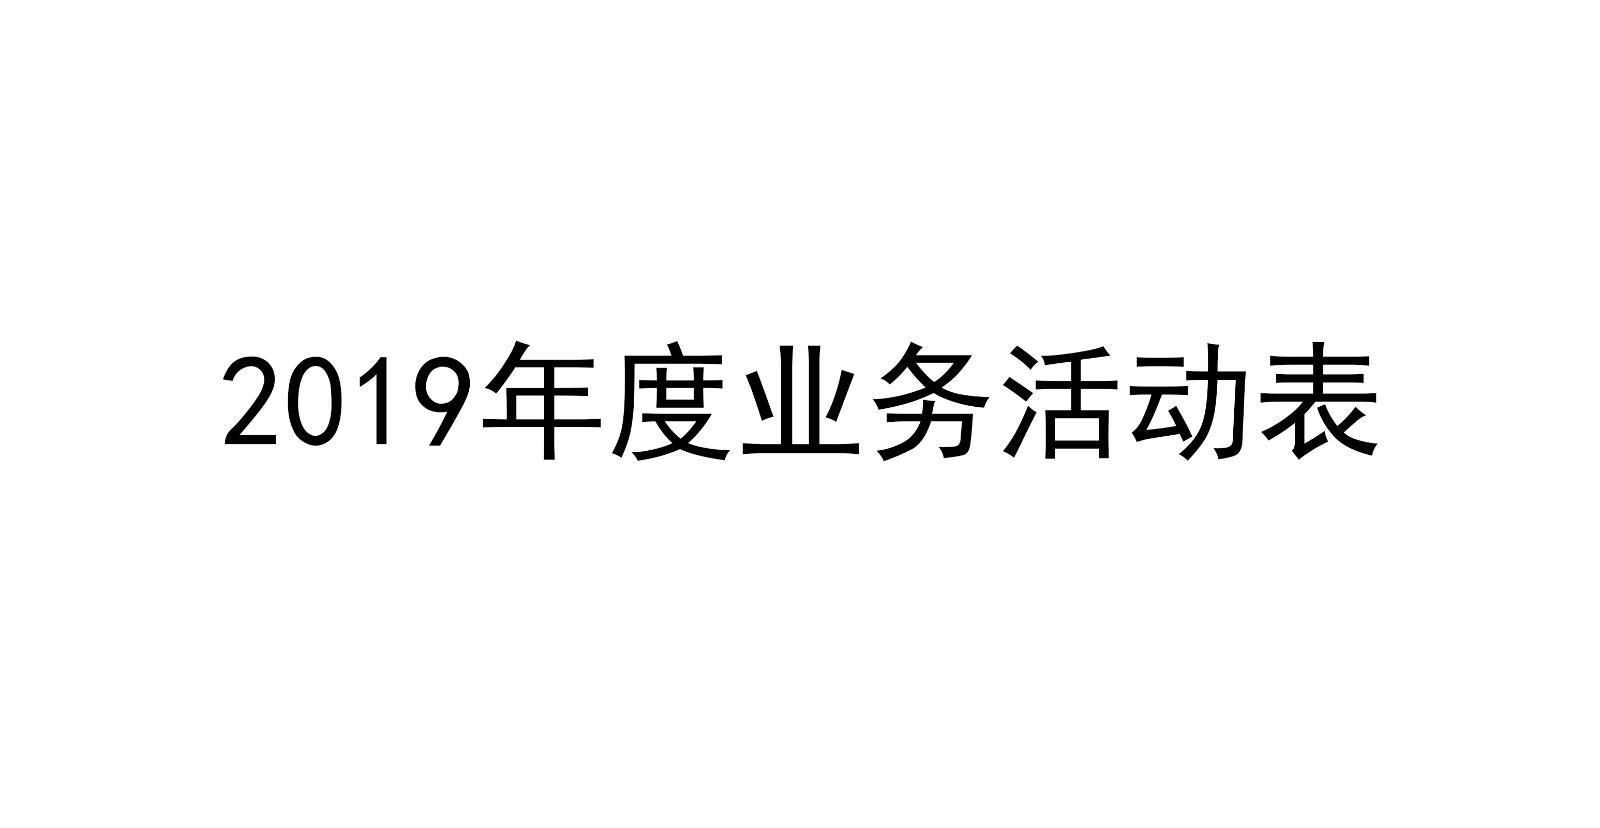 2019年度业务活动表